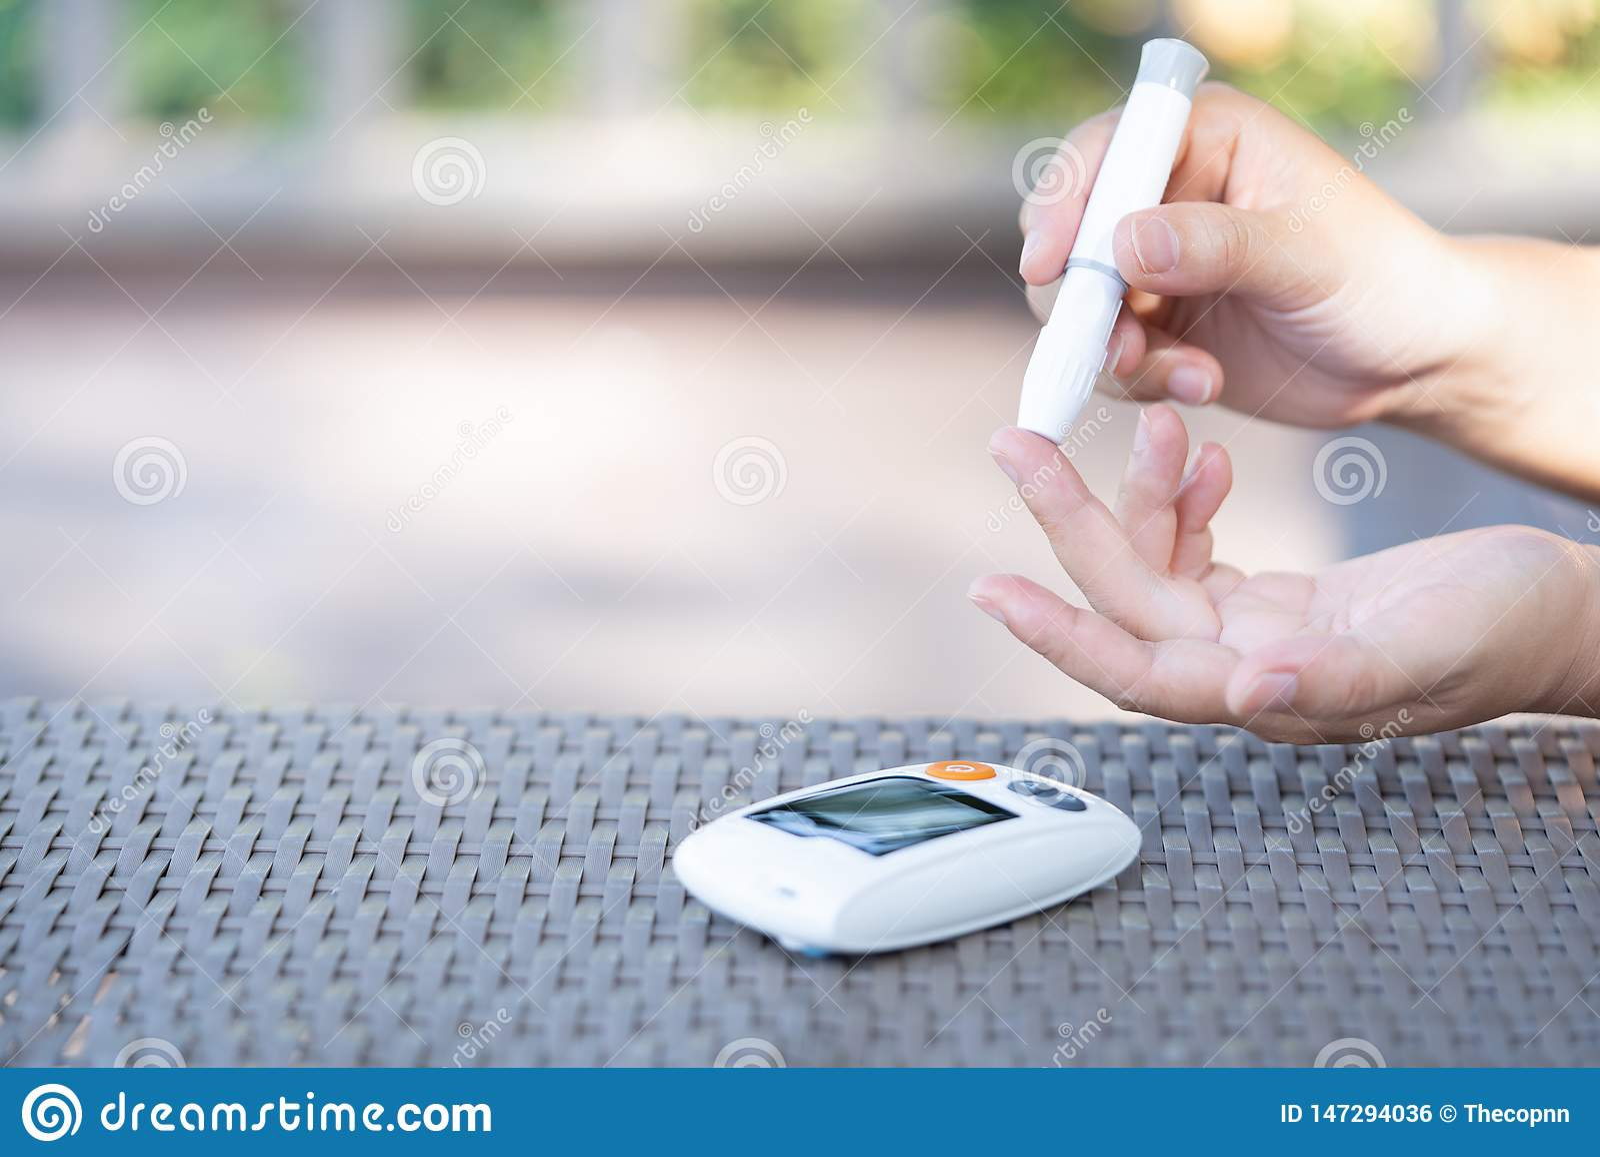 使用在手指的妇女柳叶刀检查血糖水平